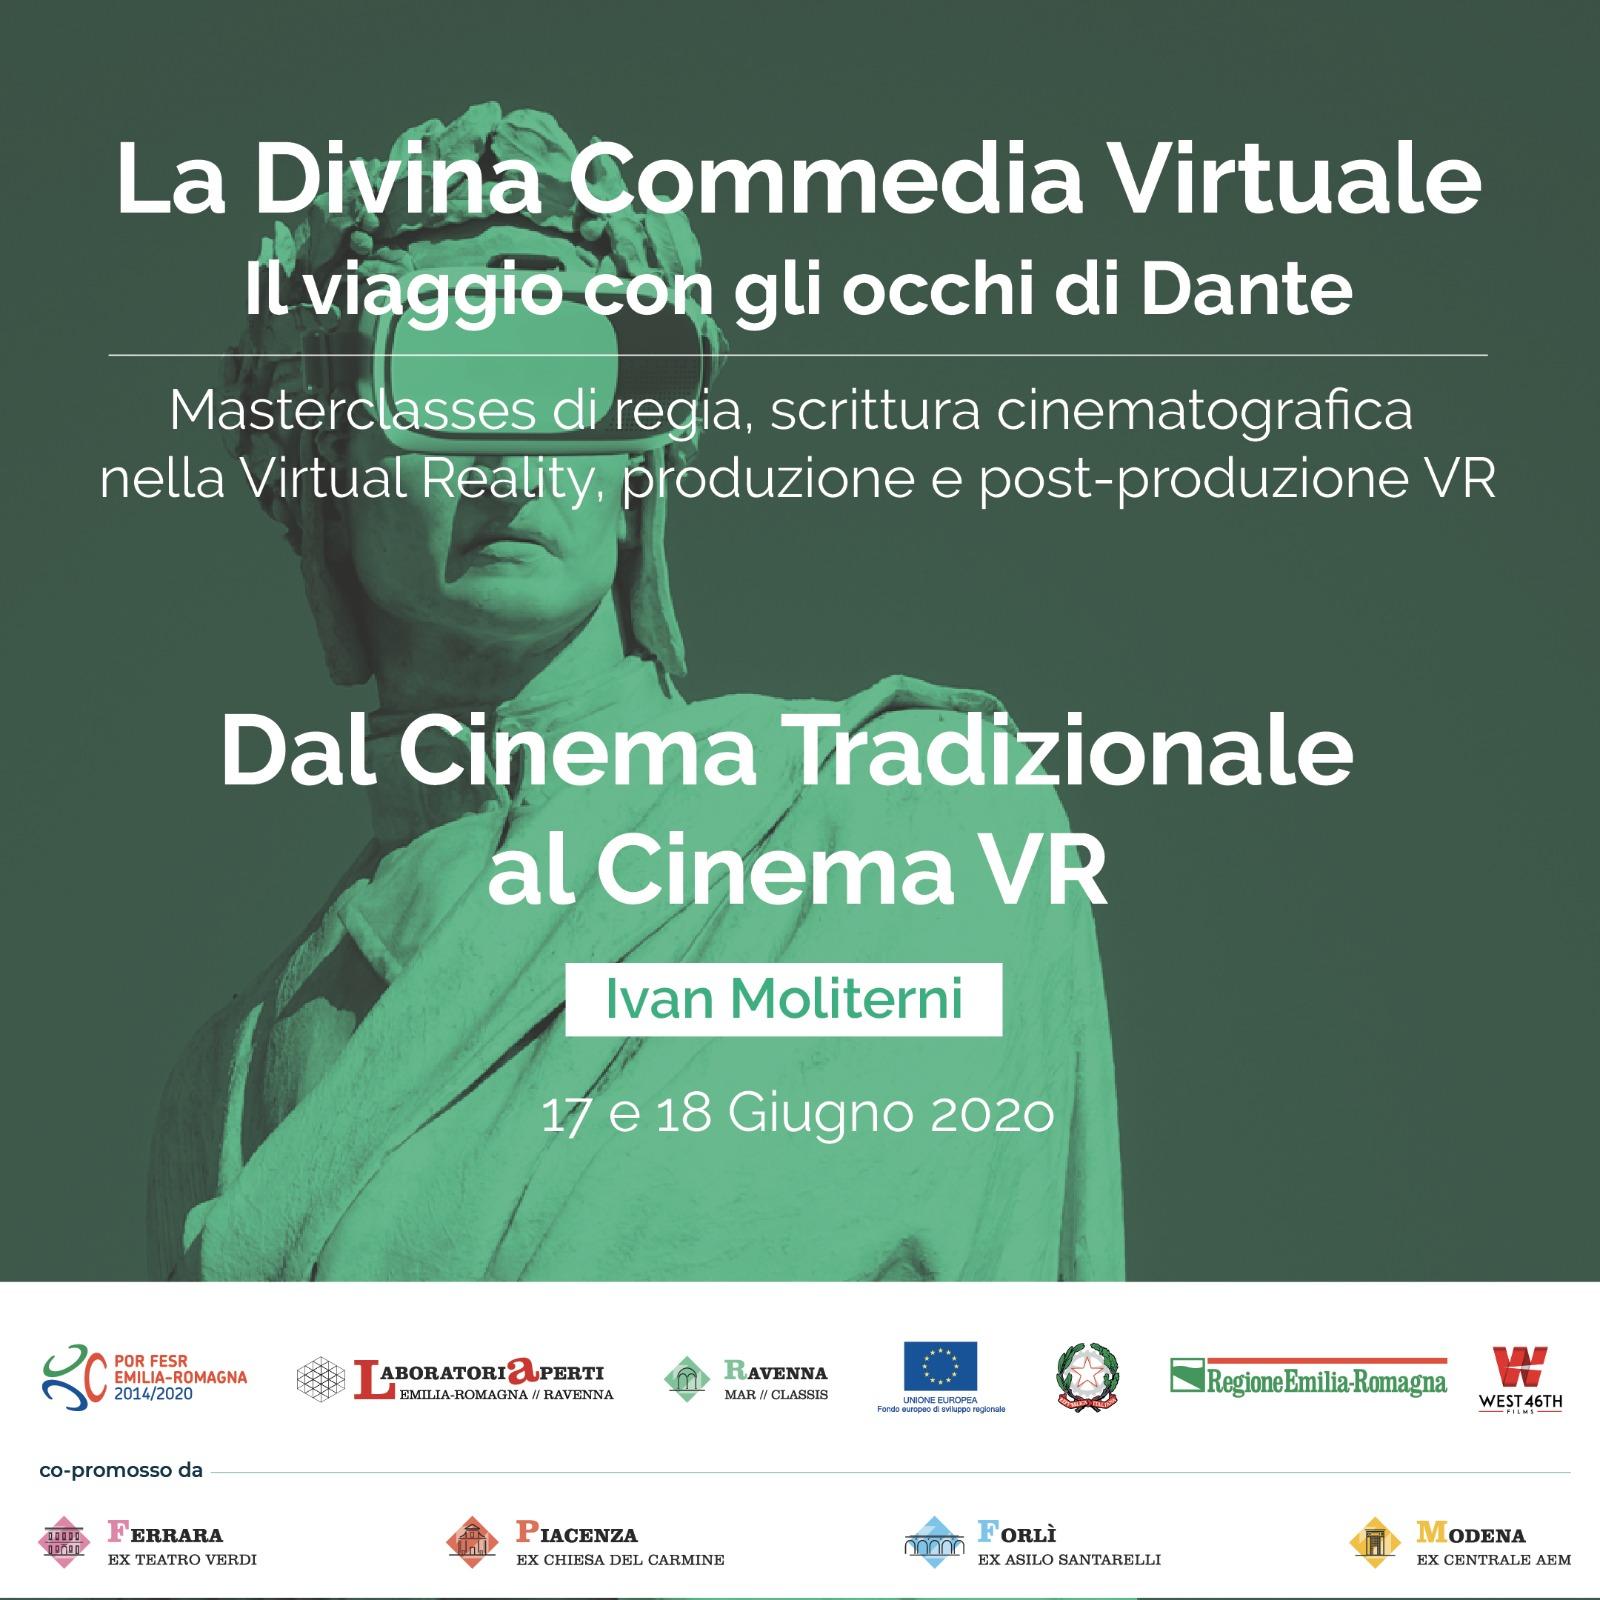 La Divina Commedia Virtuale – Dal Cinema Tradizionale al Cinema VR